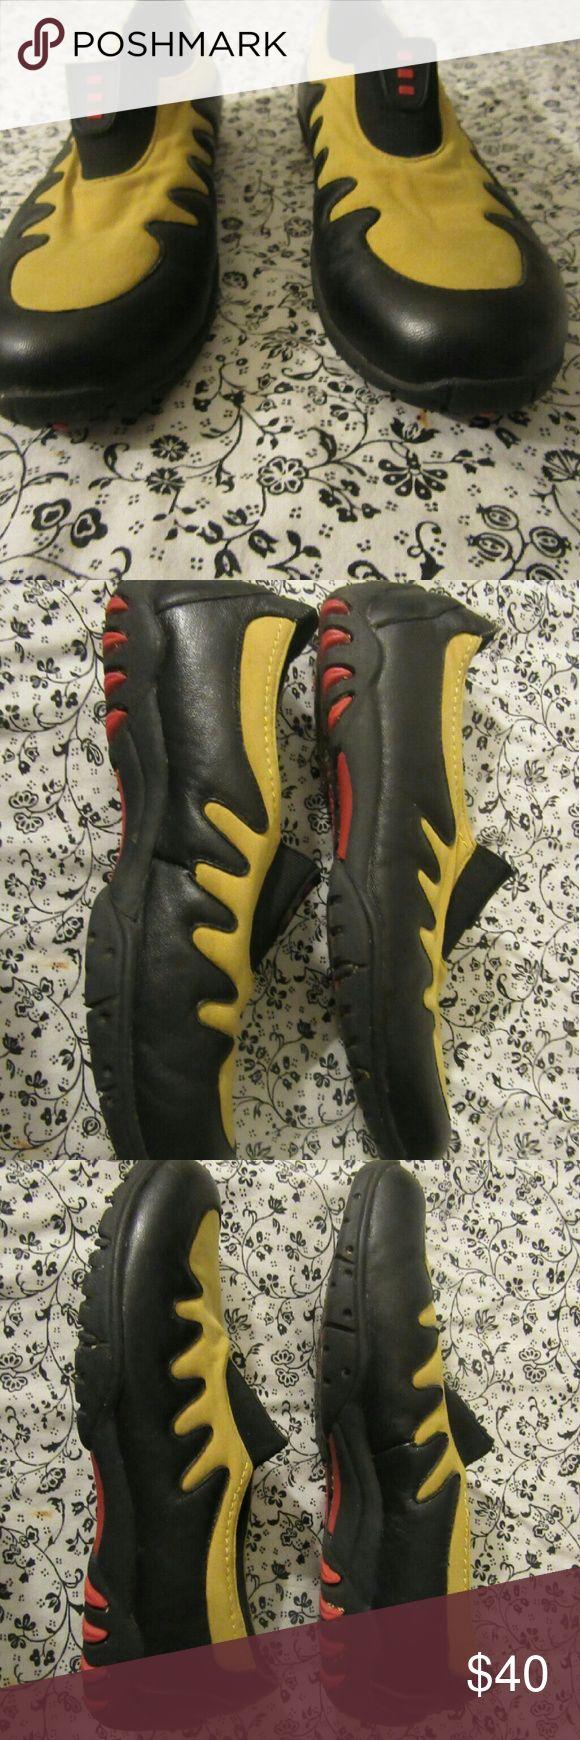 jamie sadock water/sport shoes style #52904 sz 9 good shape  womens jamie sadock water/sport shoes ?style #52904 sz 9 Jamie sadock Shoes